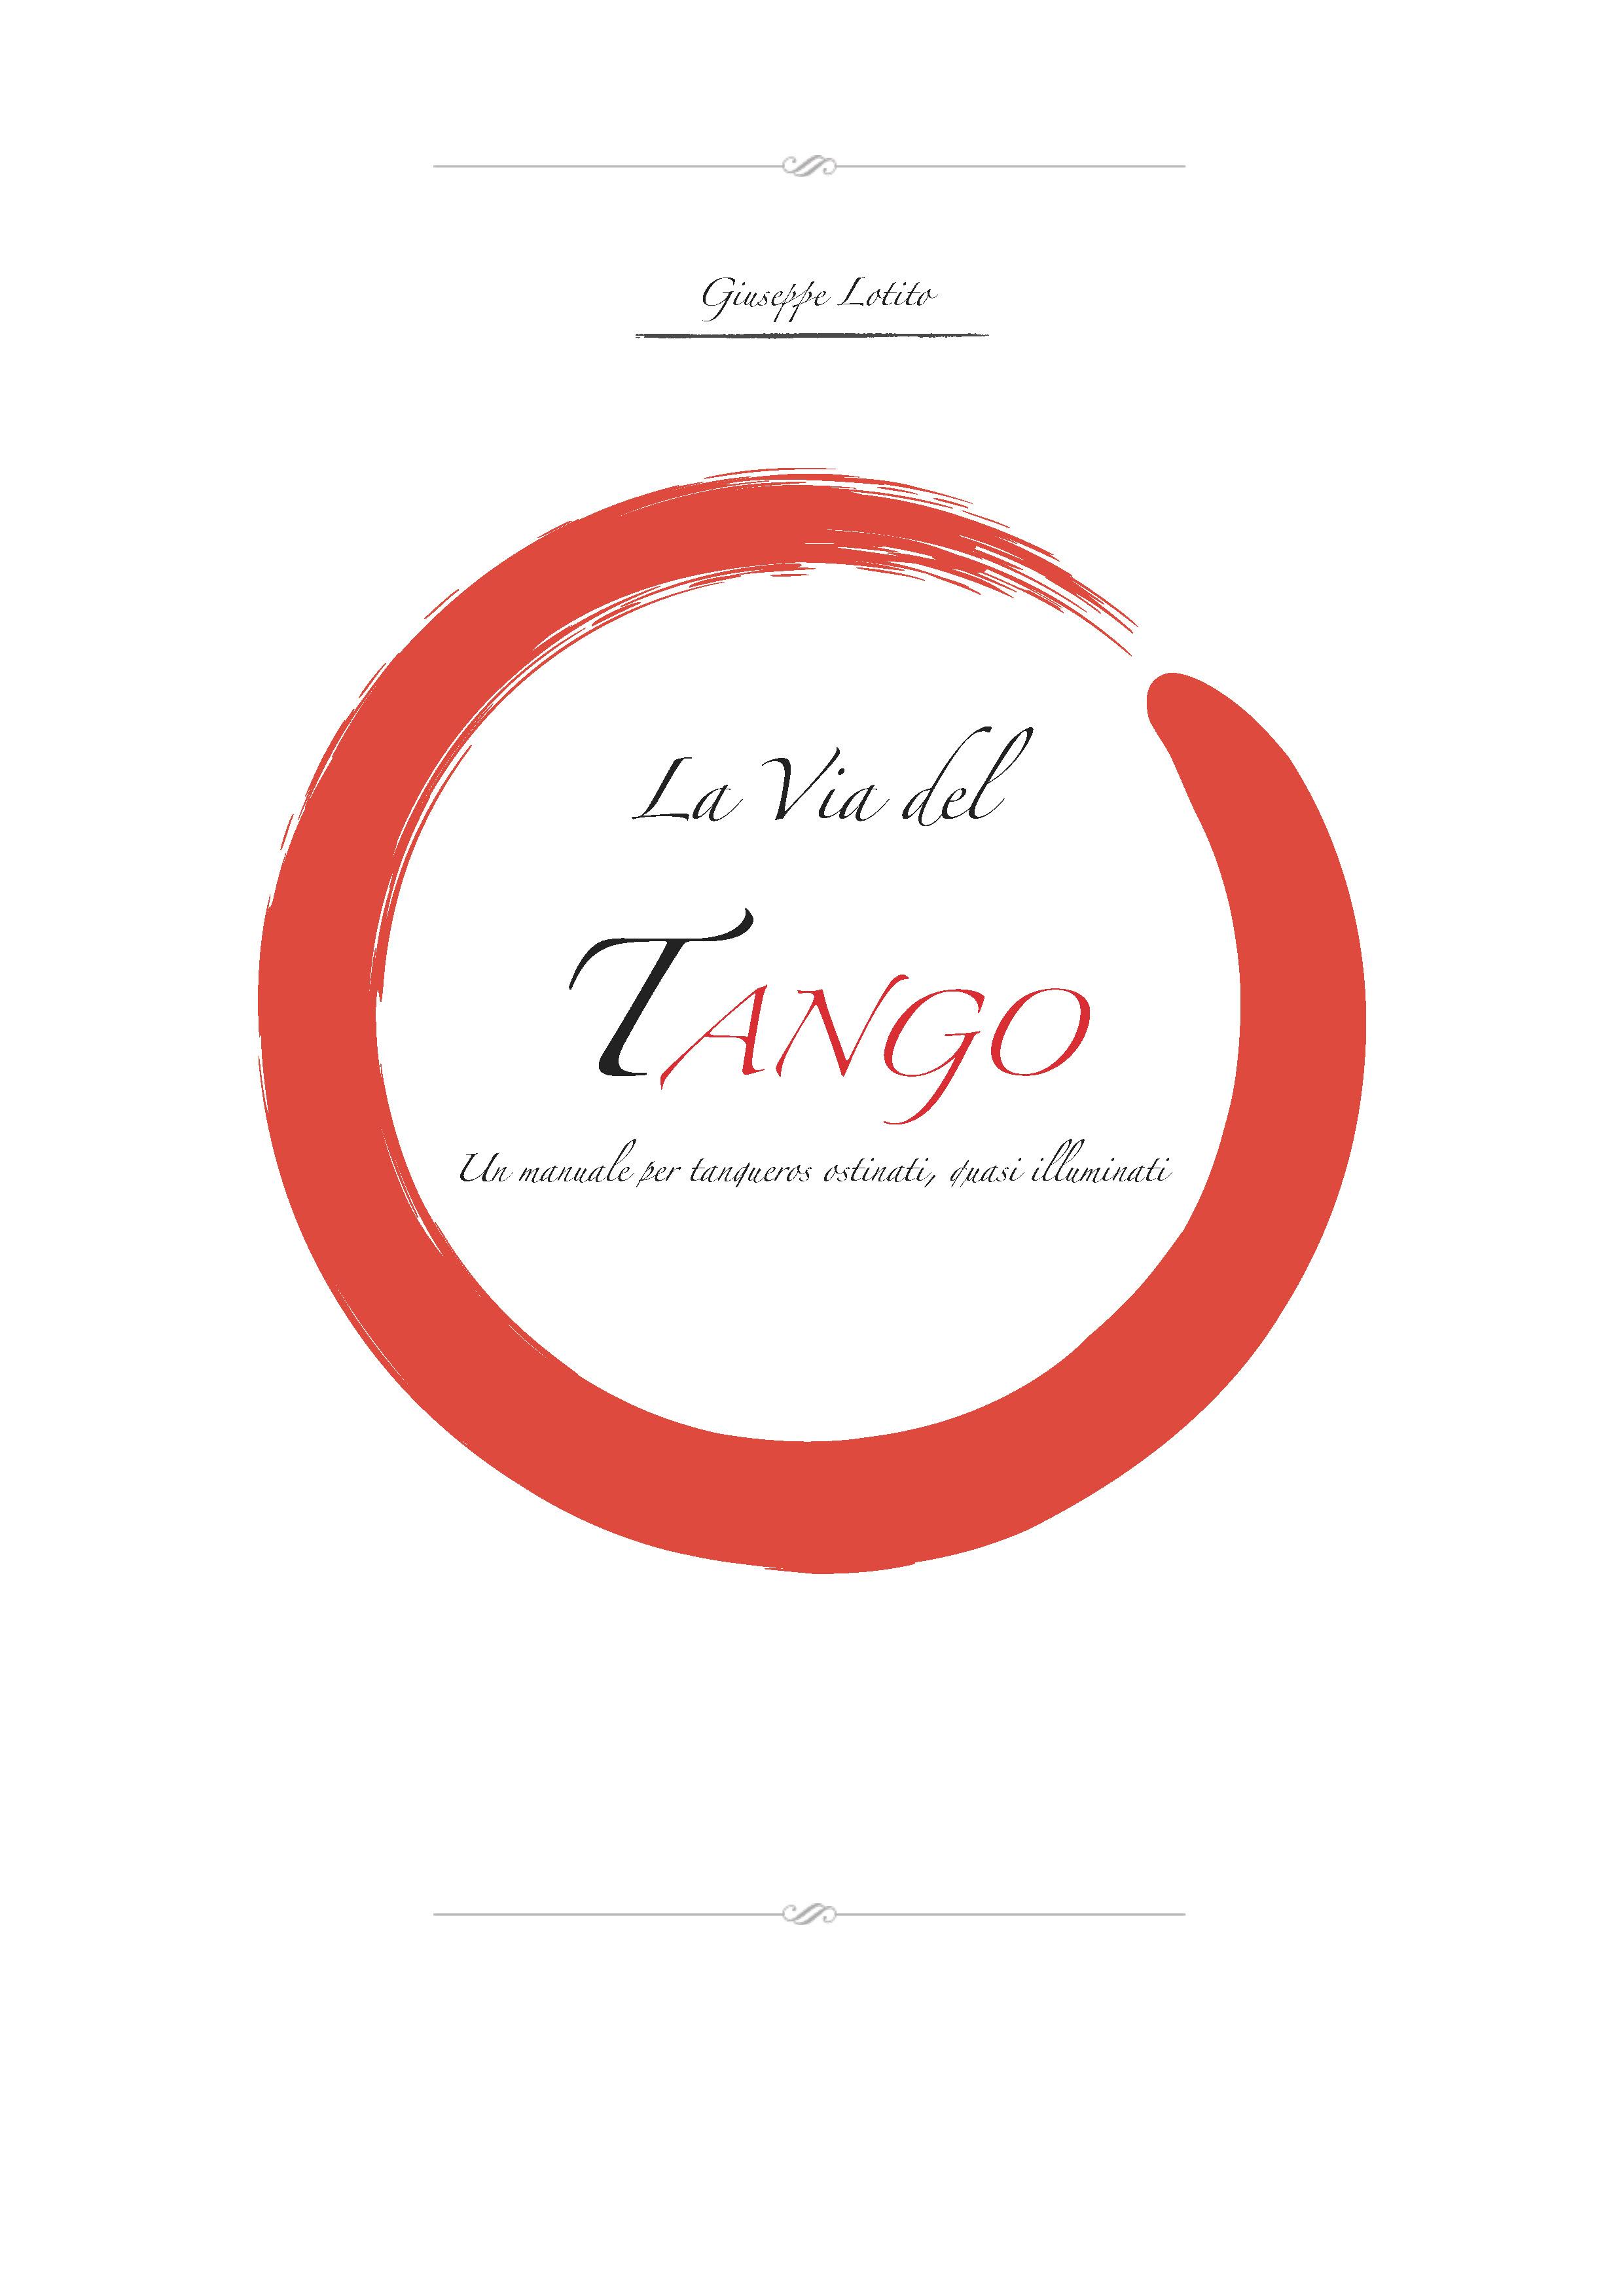 La Via del Tango